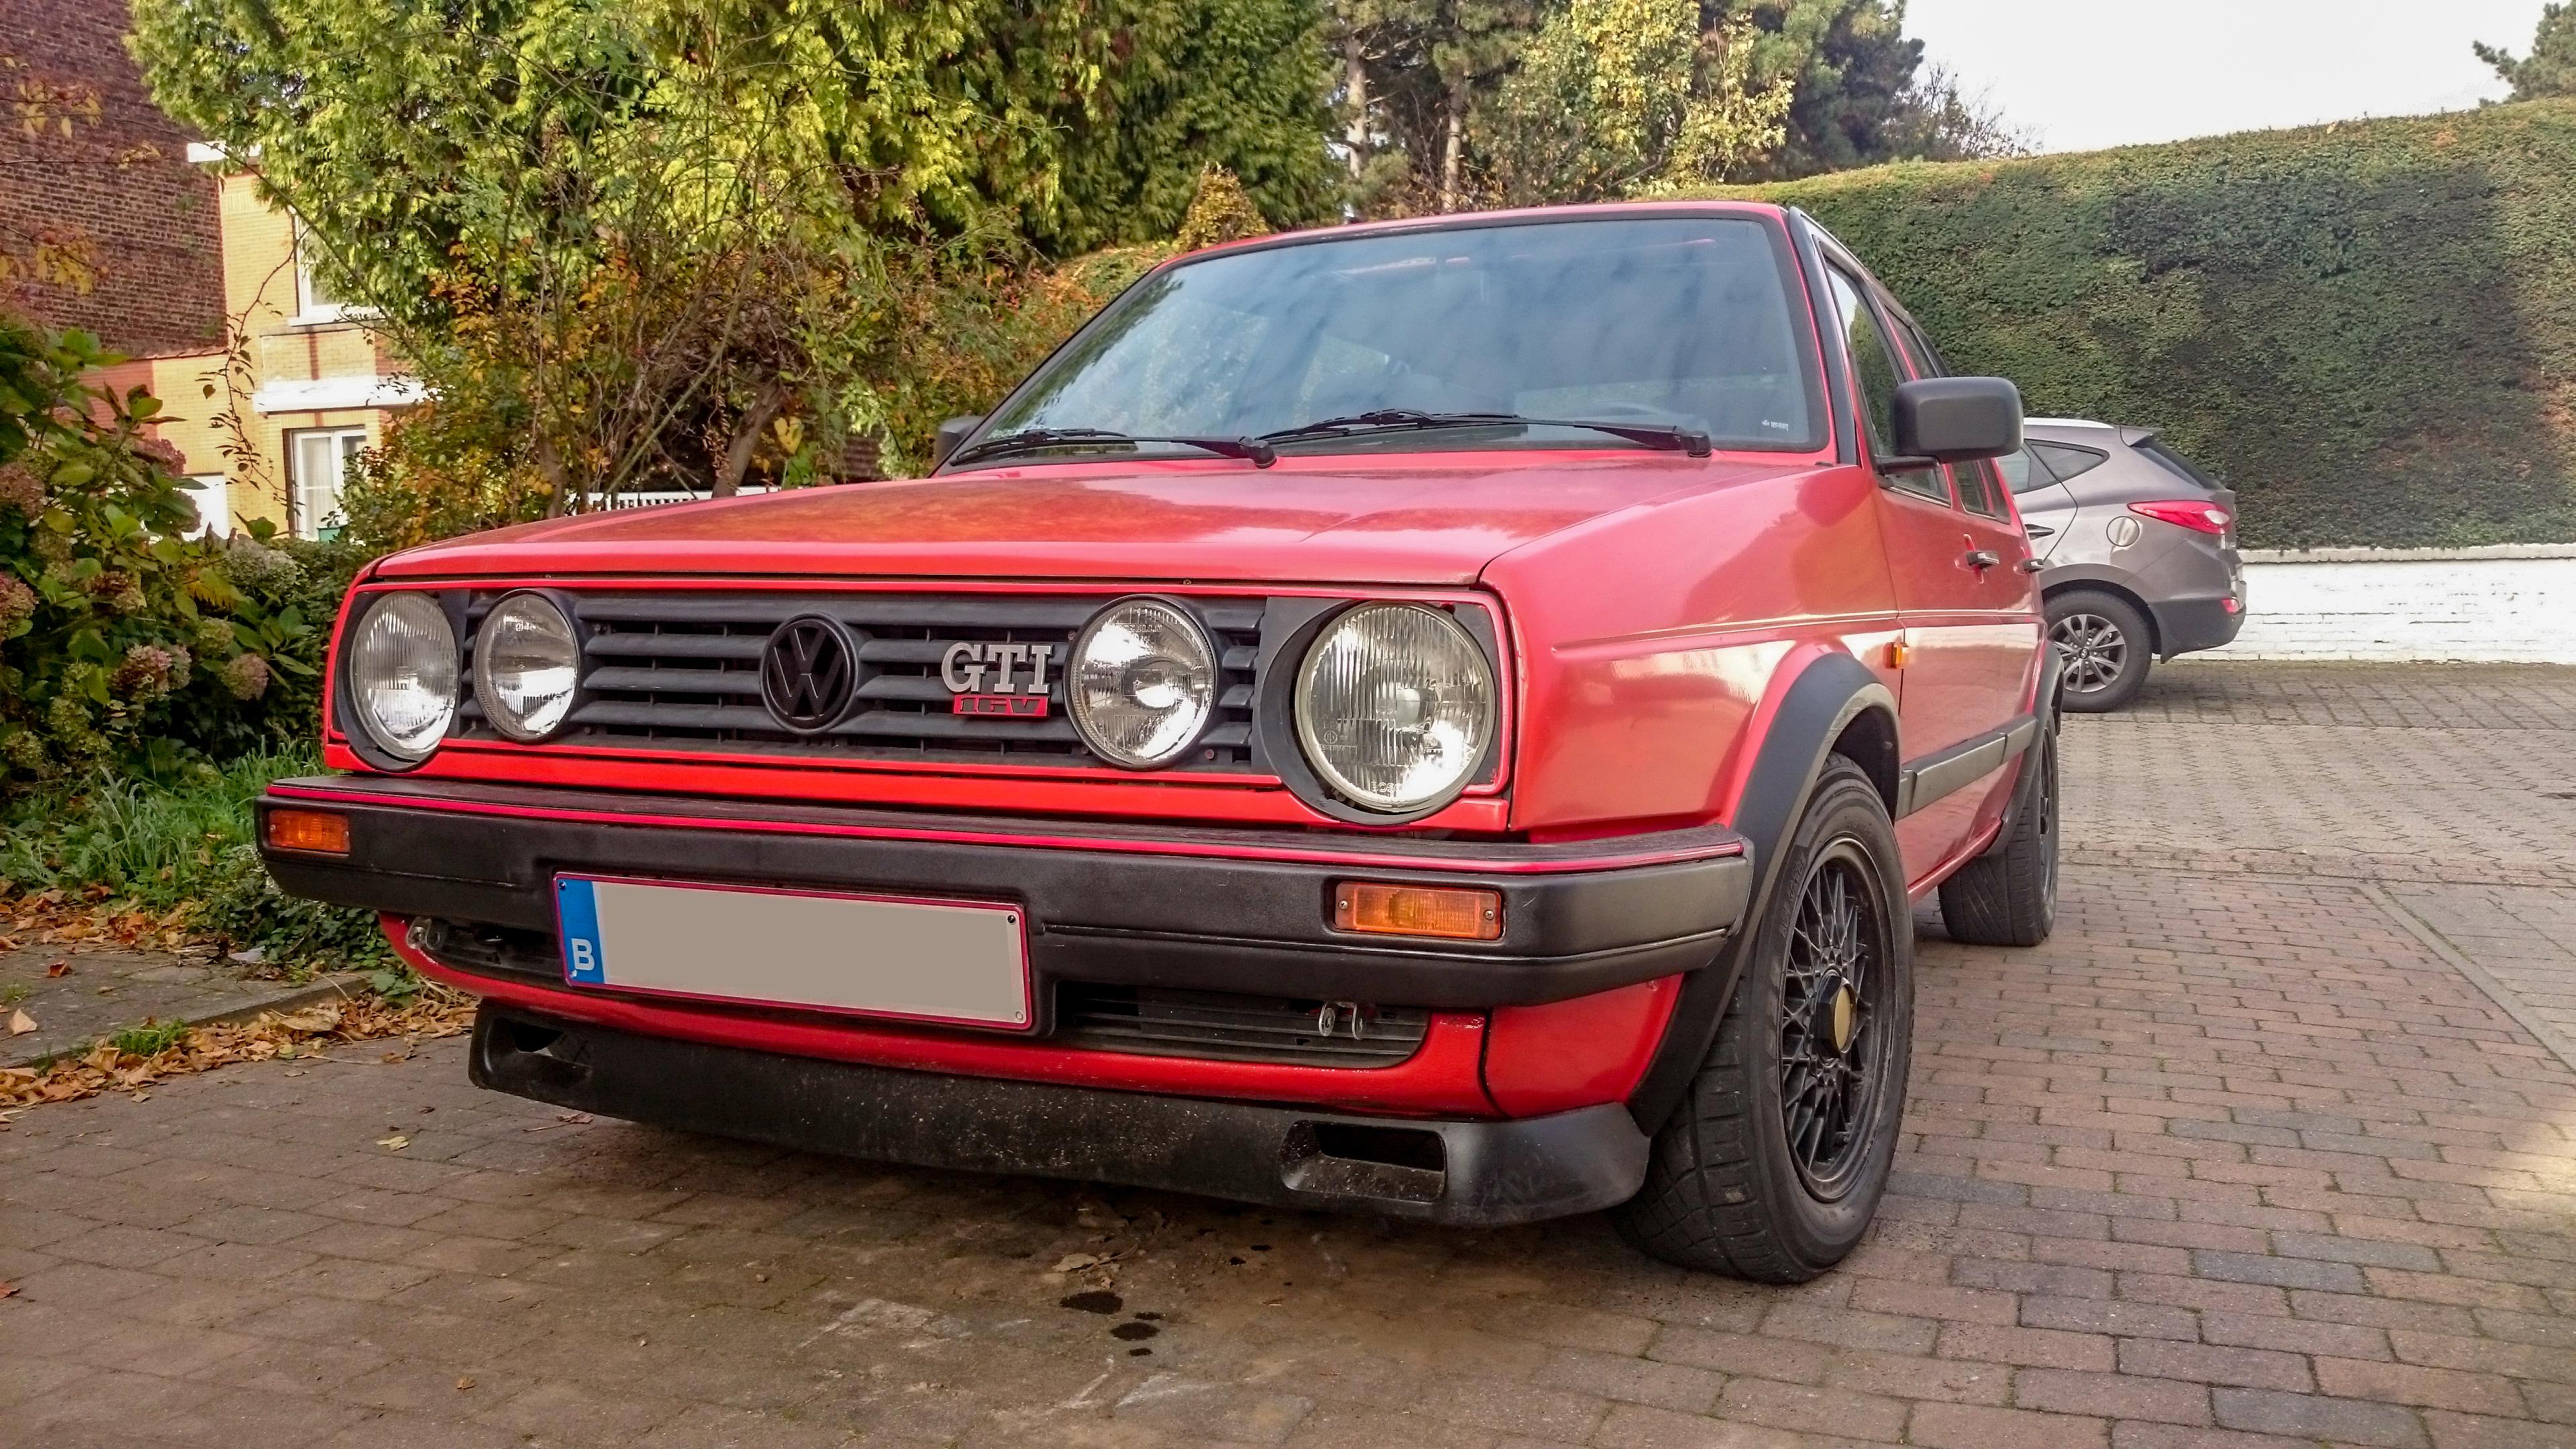 1988 Volkswagen Golf Mk2 Gti 16v